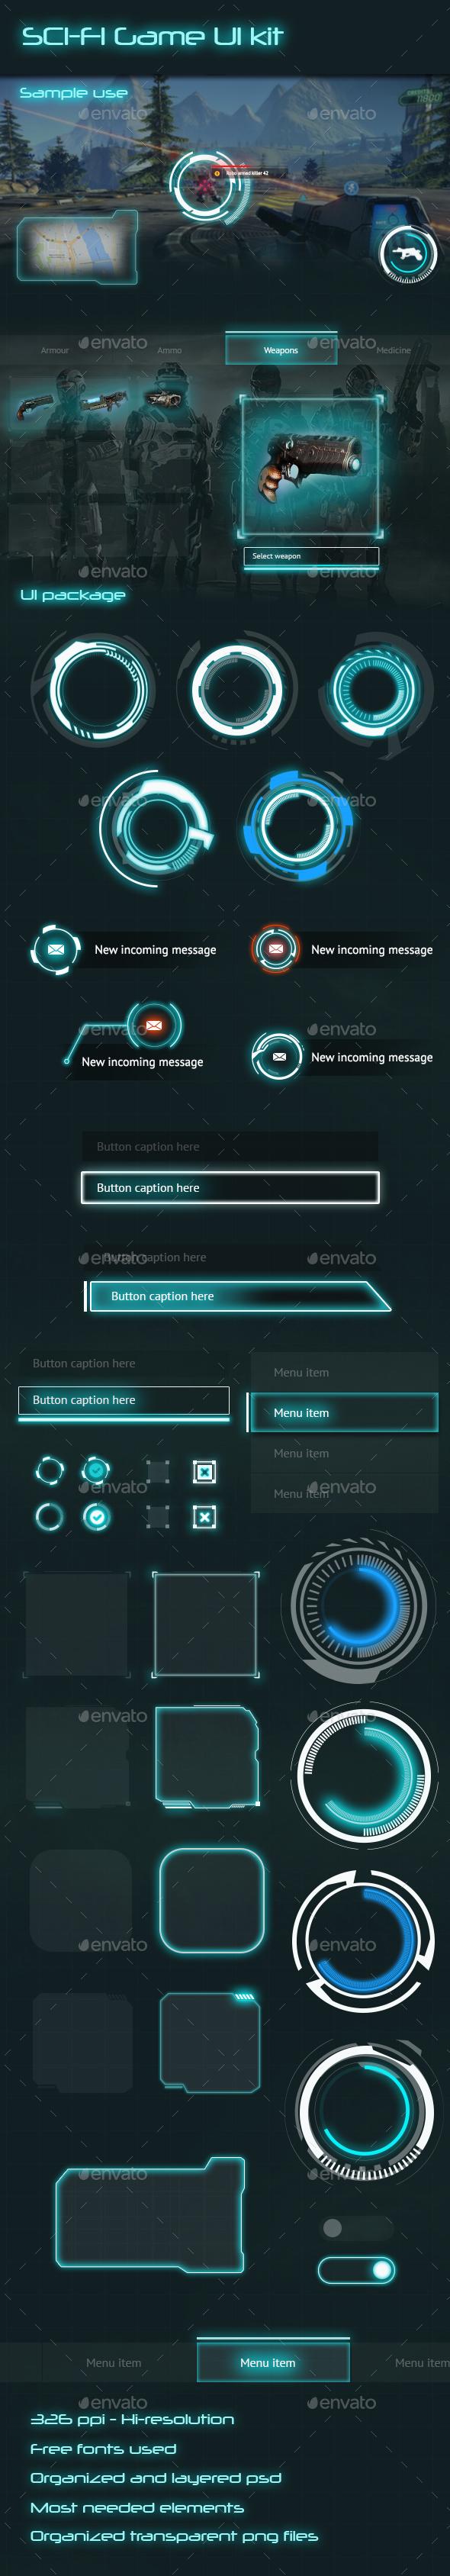 Sci-Fi Game UI Kit on Behance